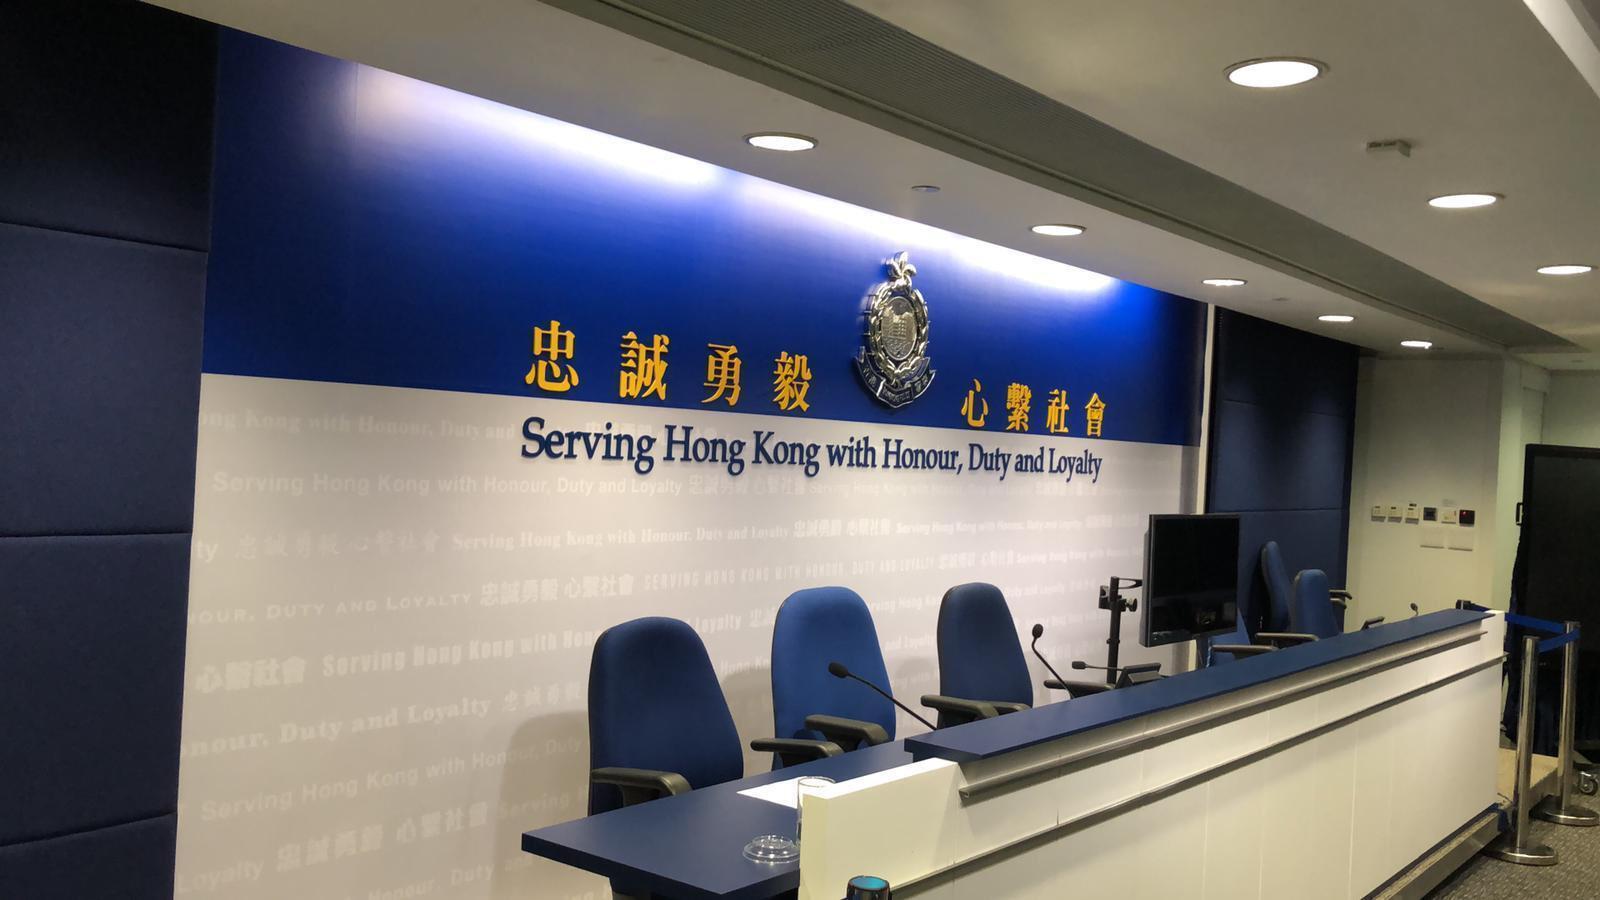 警總記者會室已換上「忠誠勇毅,心繫社會」。